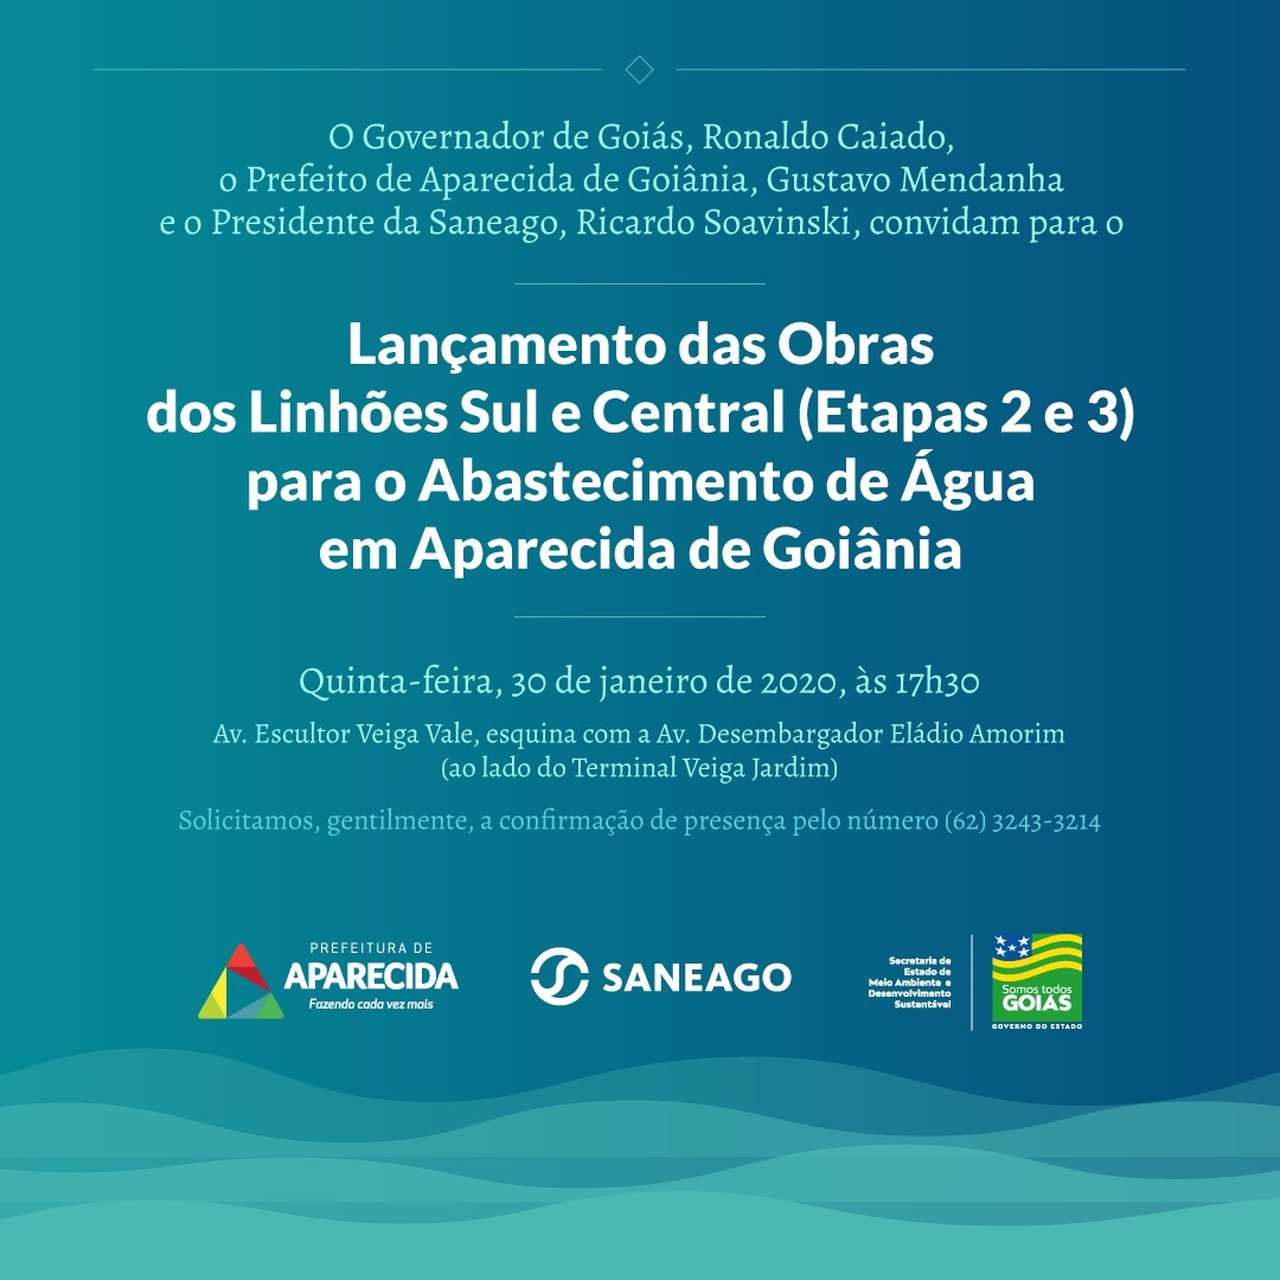 Lançamento das obras dos linhões Sul e Central para o abastecimento de água em Aparecida de Goiânia